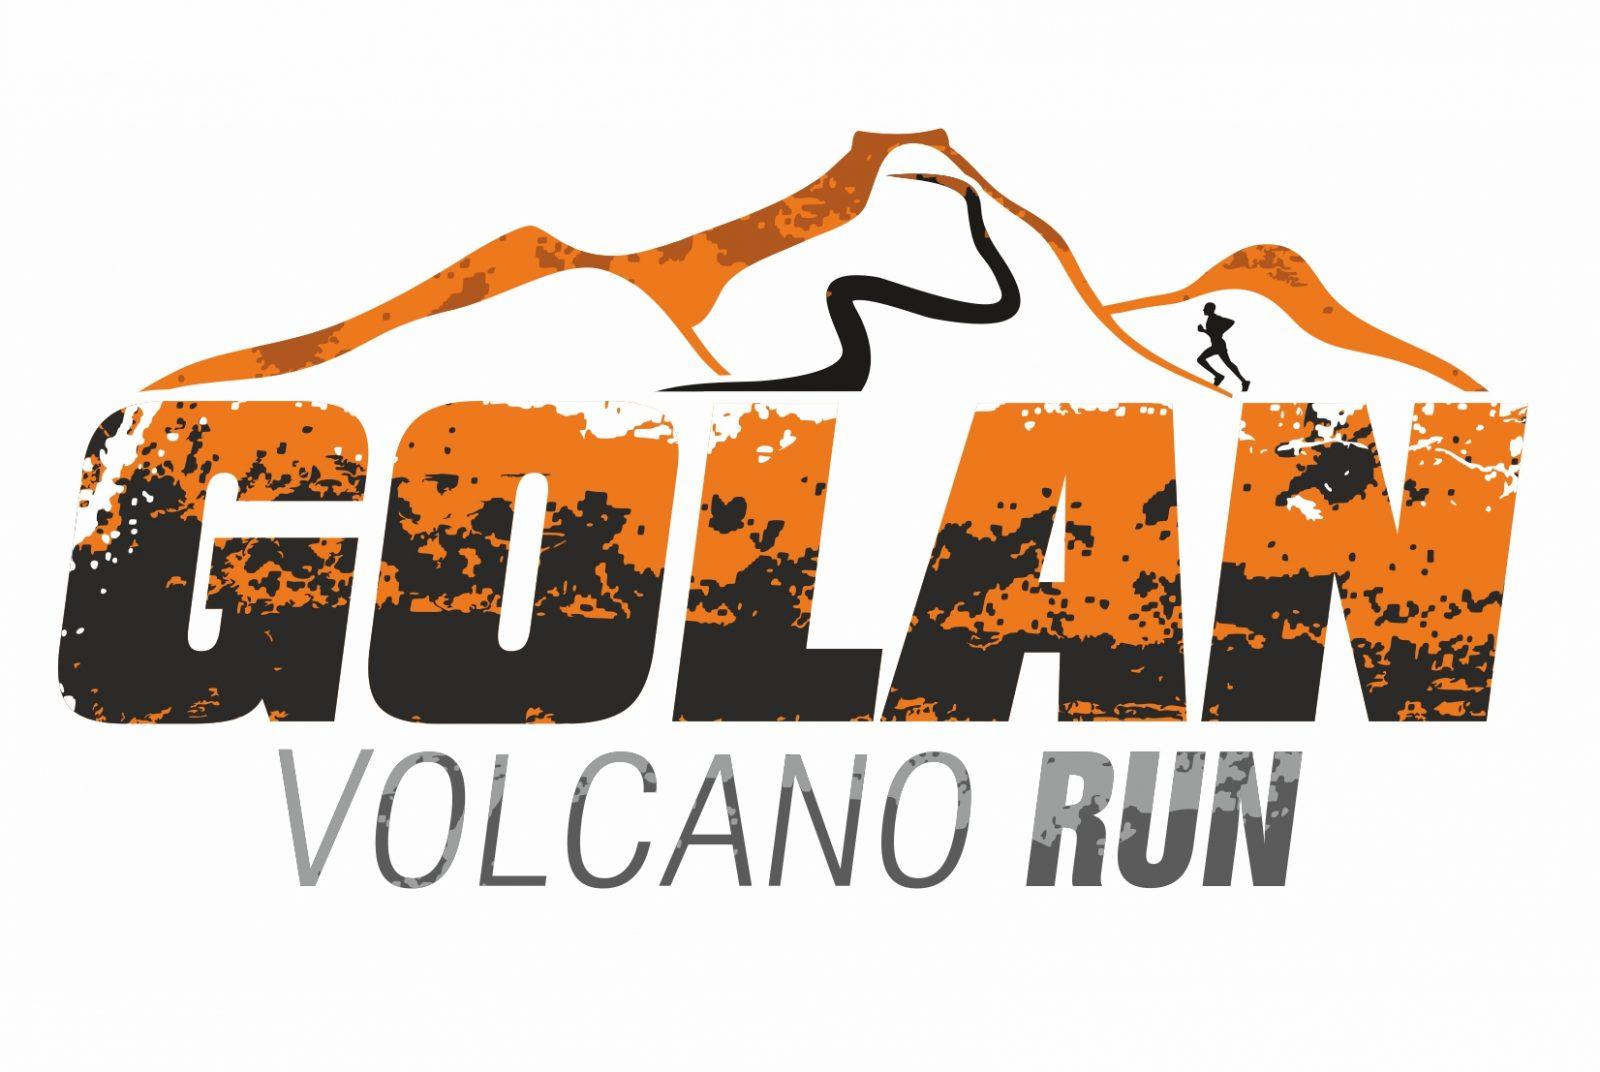 מרוץ הרי הגעש